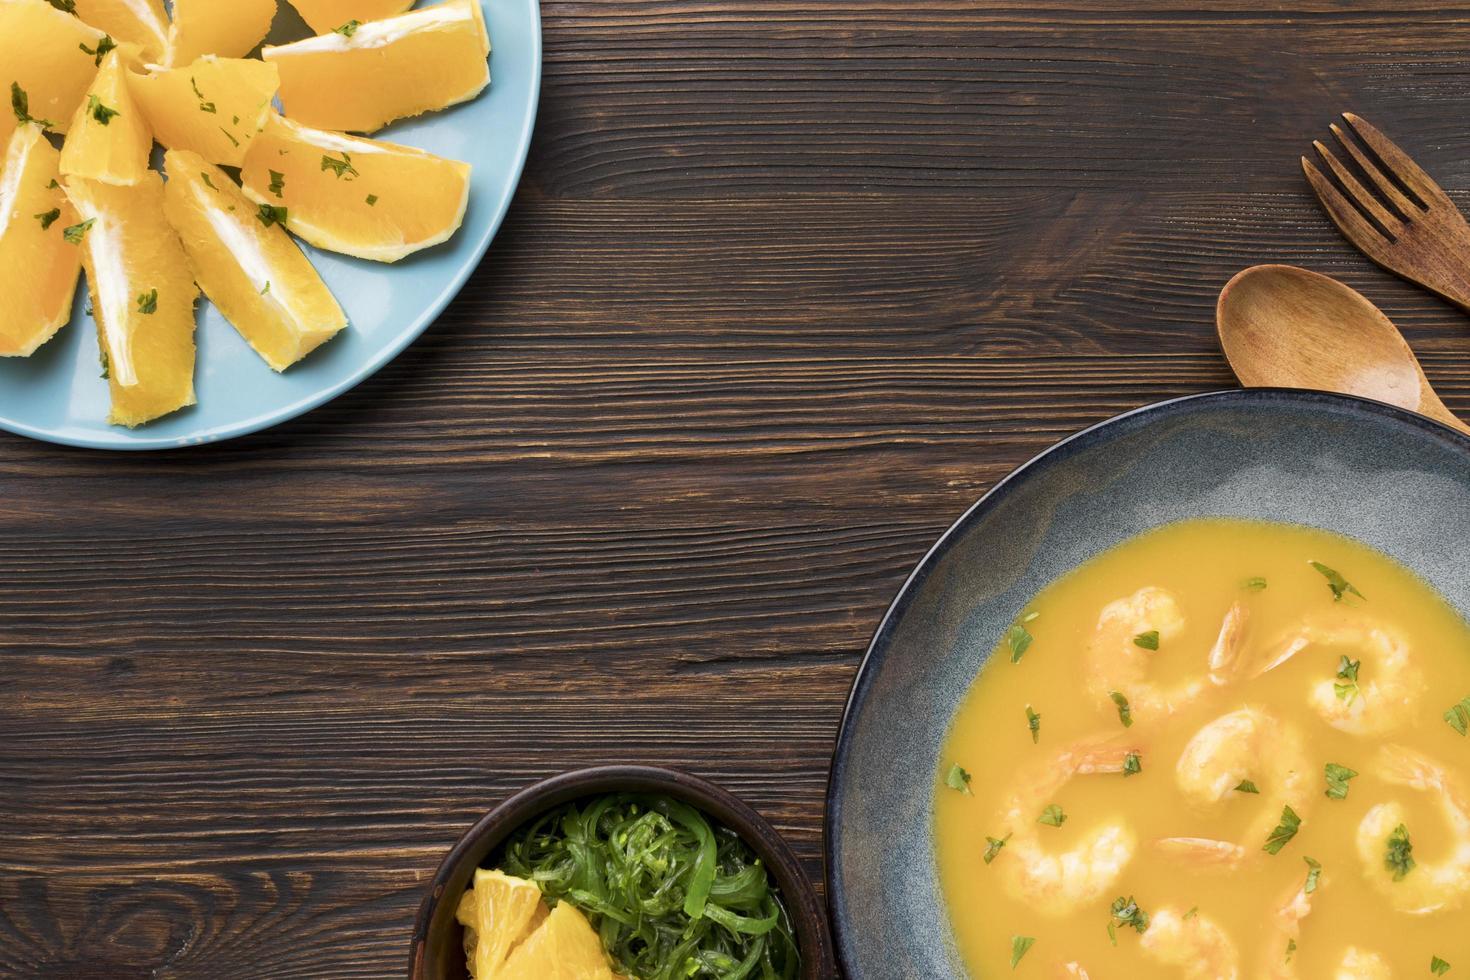 vista superior de sopa de camarones foto